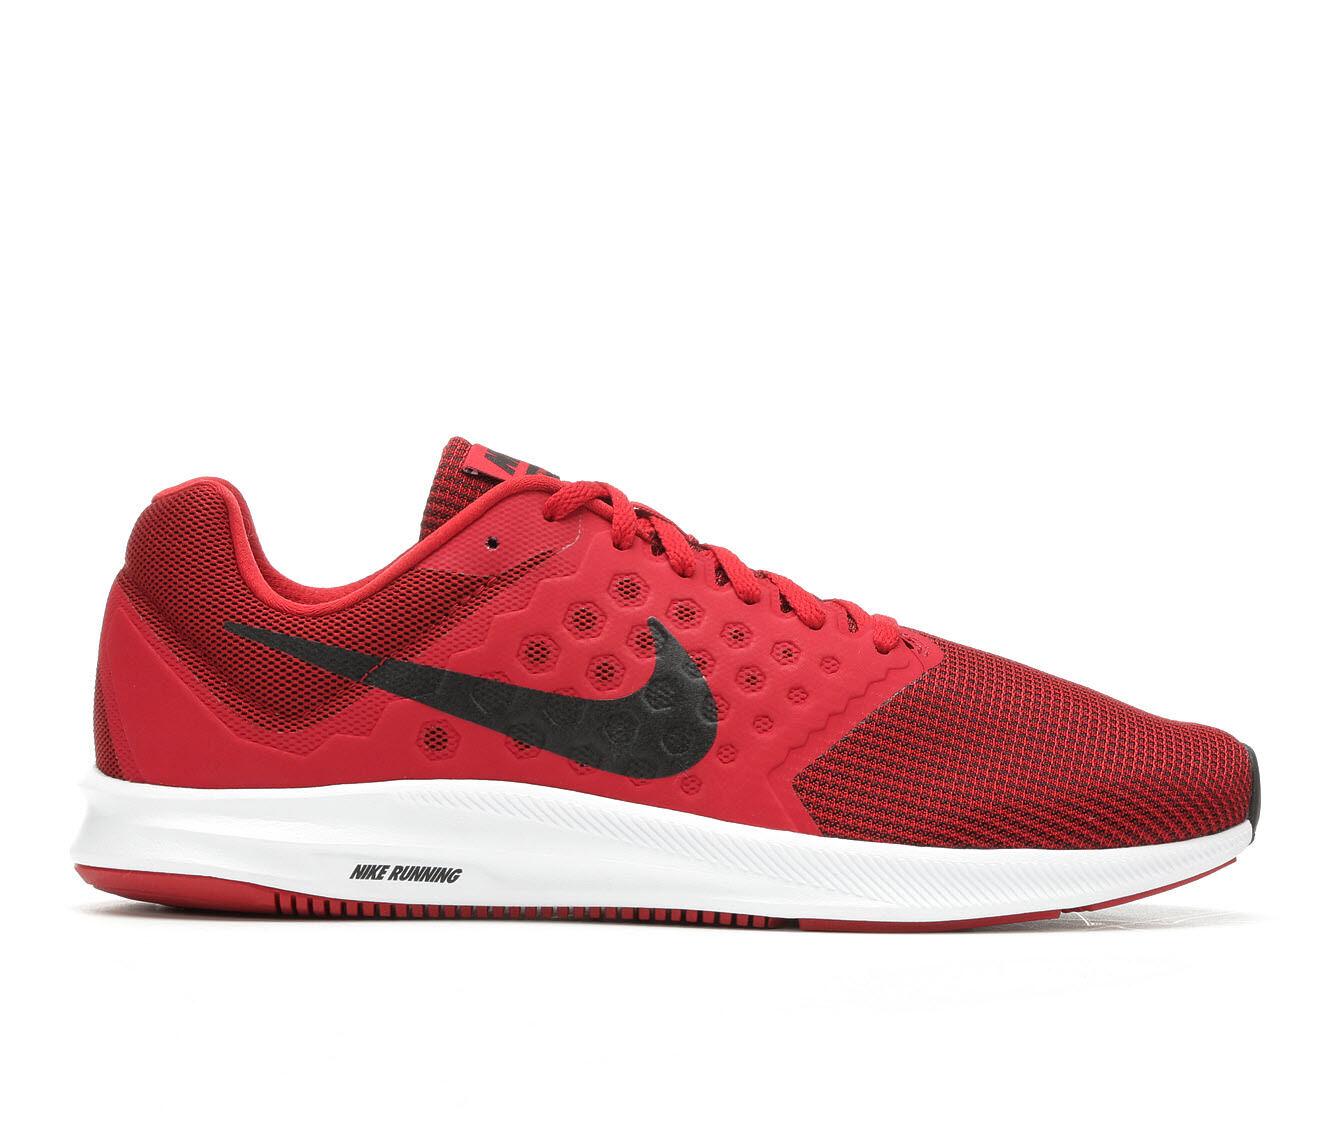 Men's Nike Downshifter 7 Running Shoes